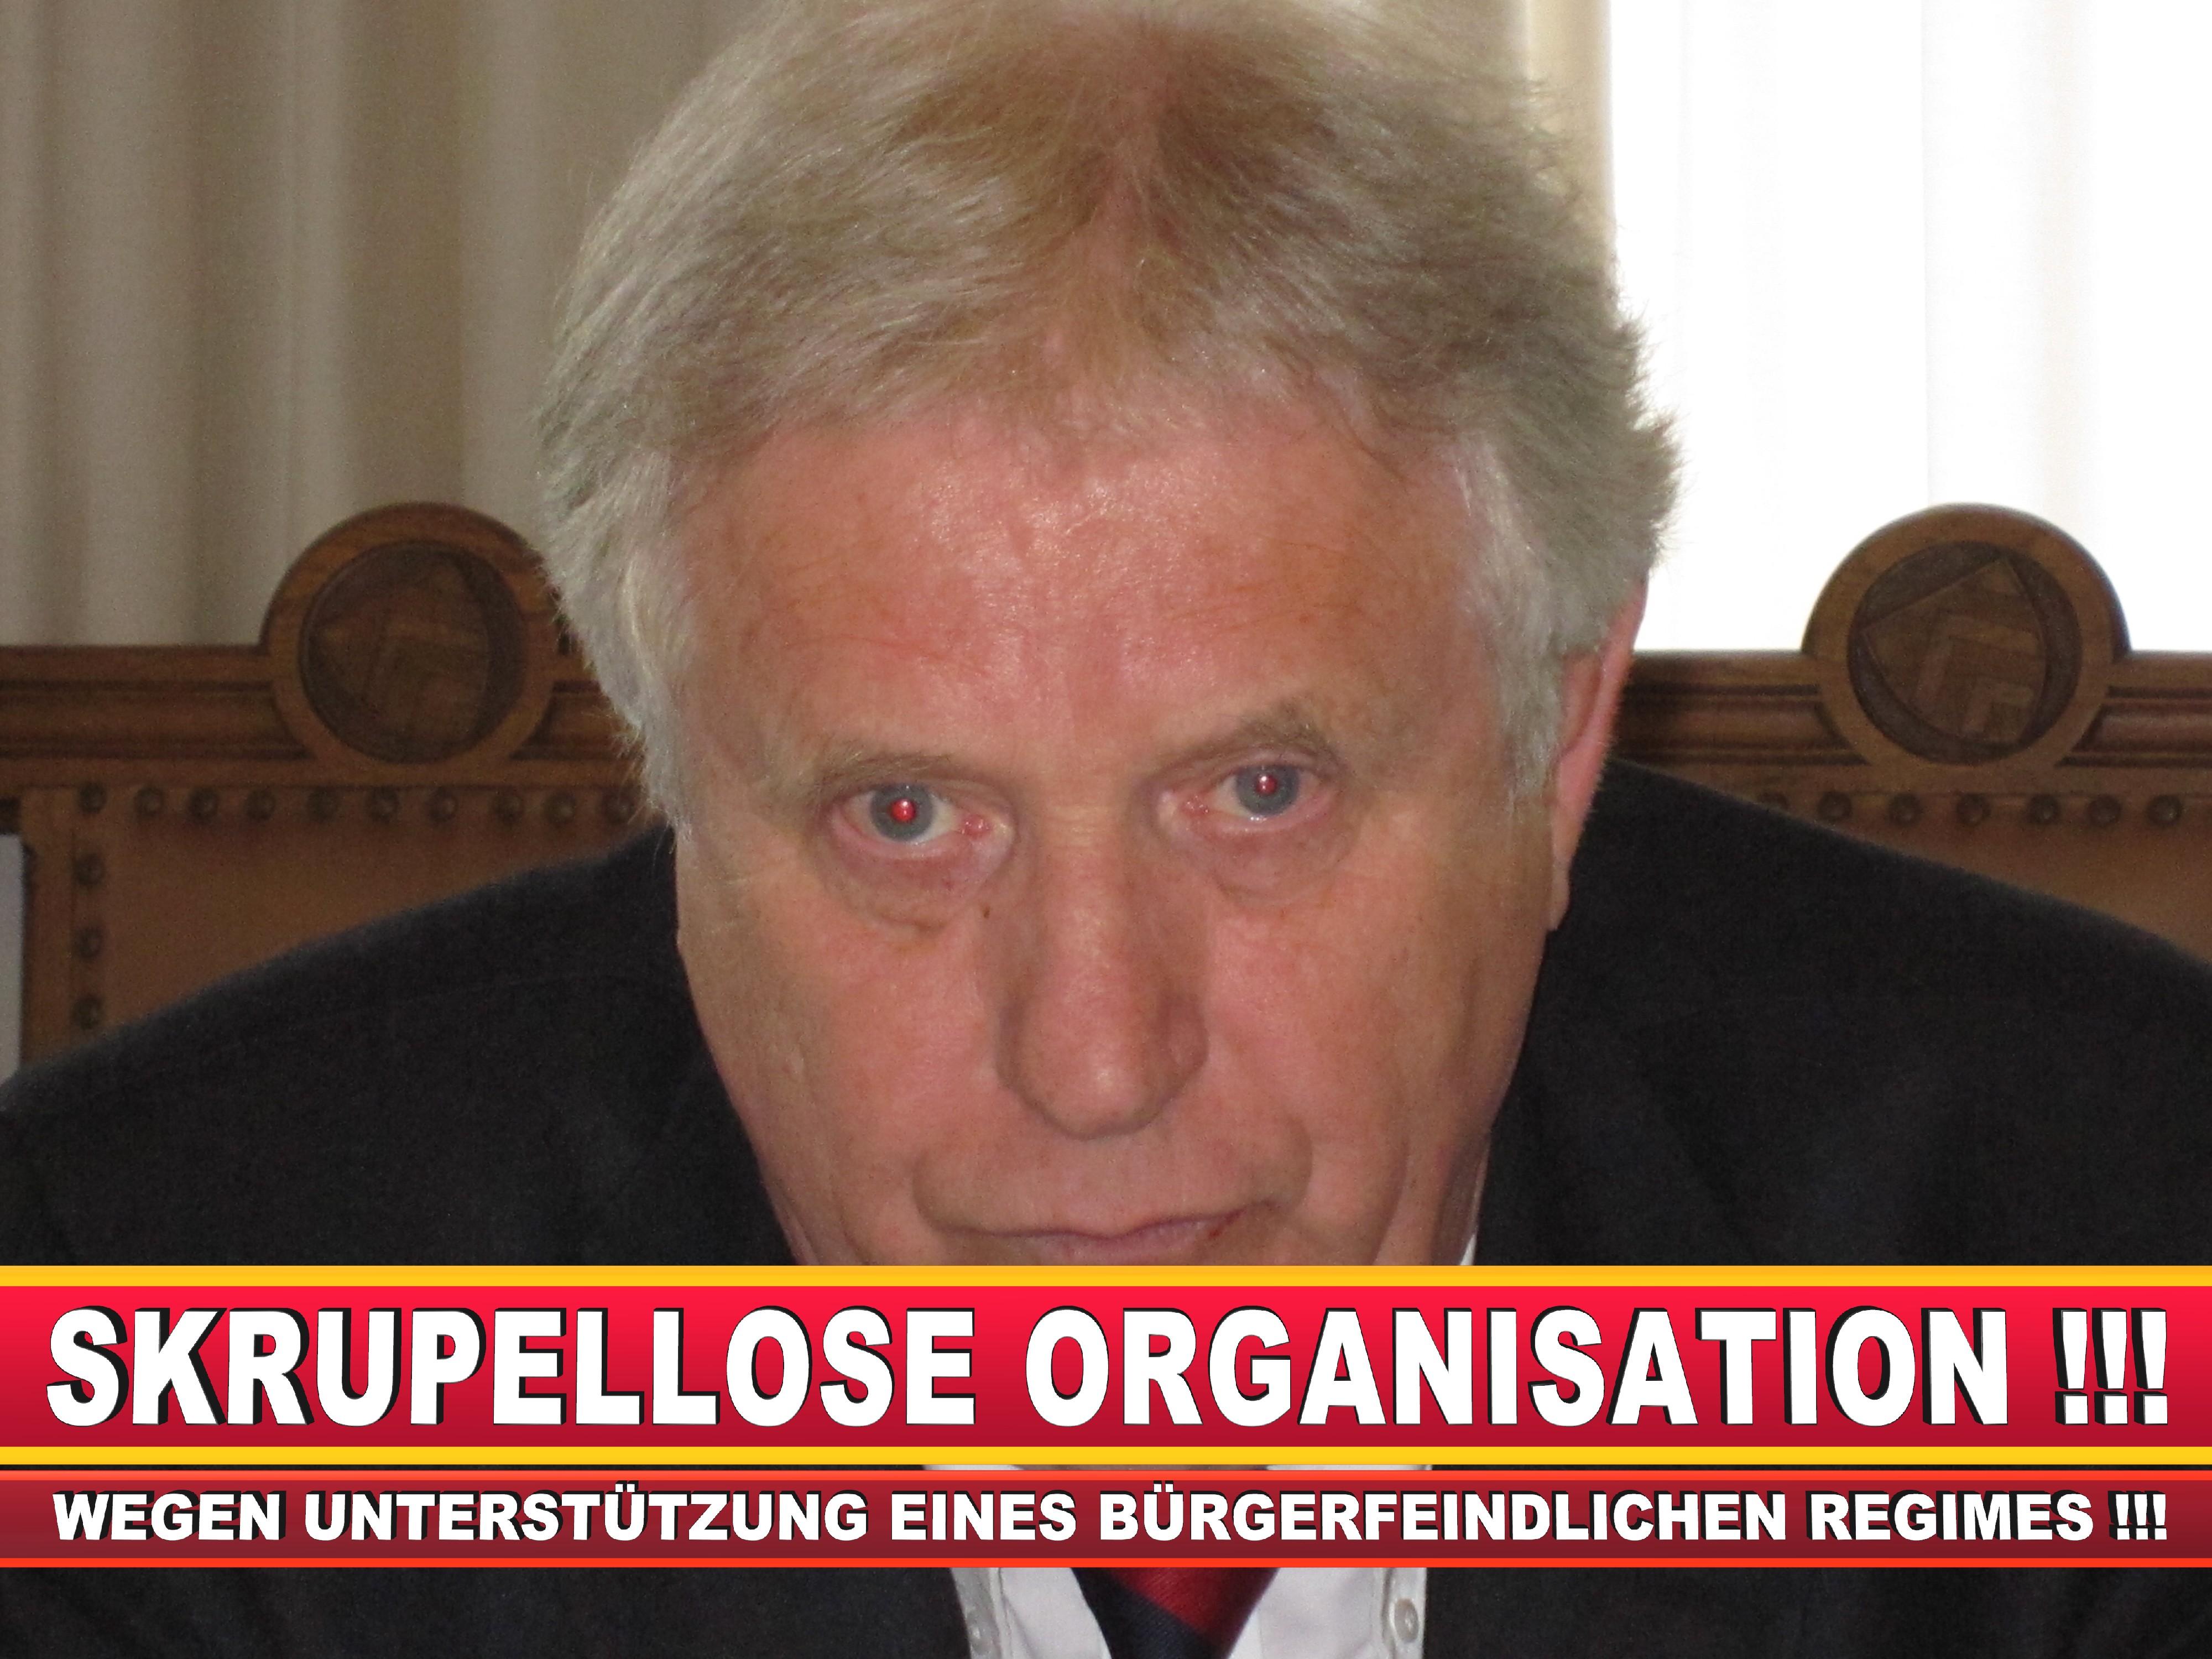 Polizeipräsident Erwin Südfeld Bielefeld Oberbürgermeister Bürgermeister Peter Clausen Pit Clausen Bielefeld (34)